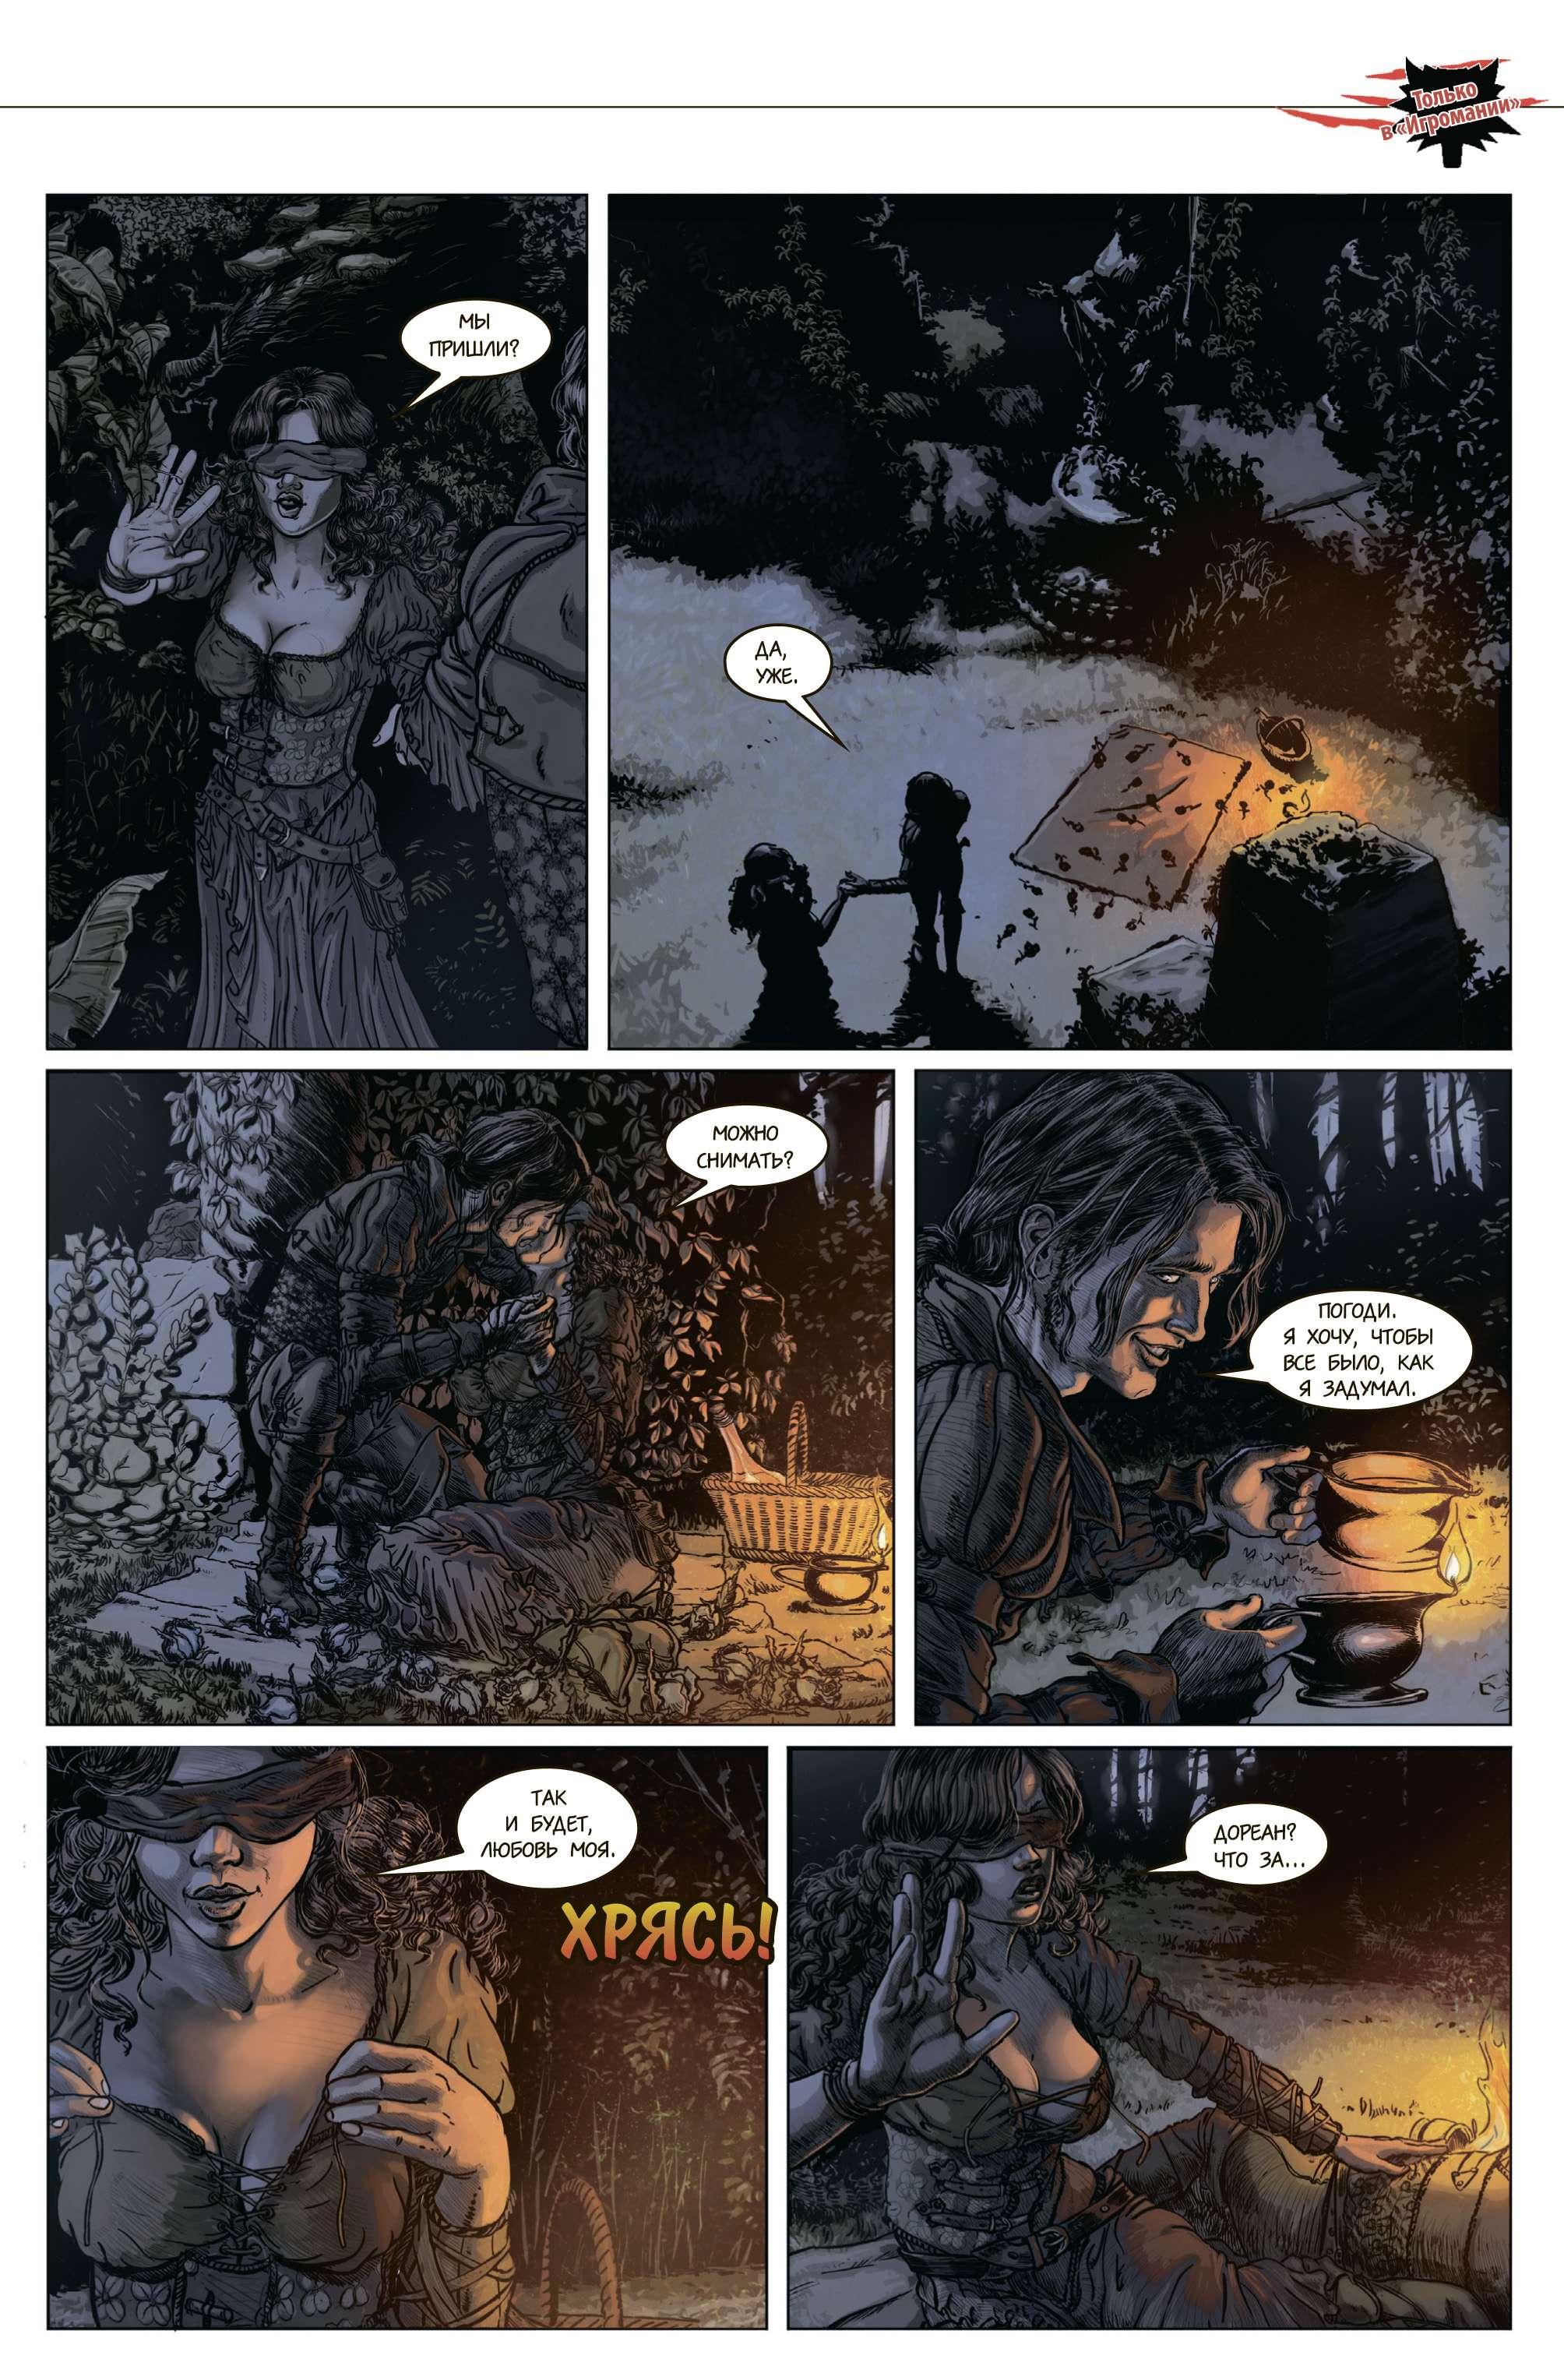 Assassins creed комиксы на русском скачать fb2